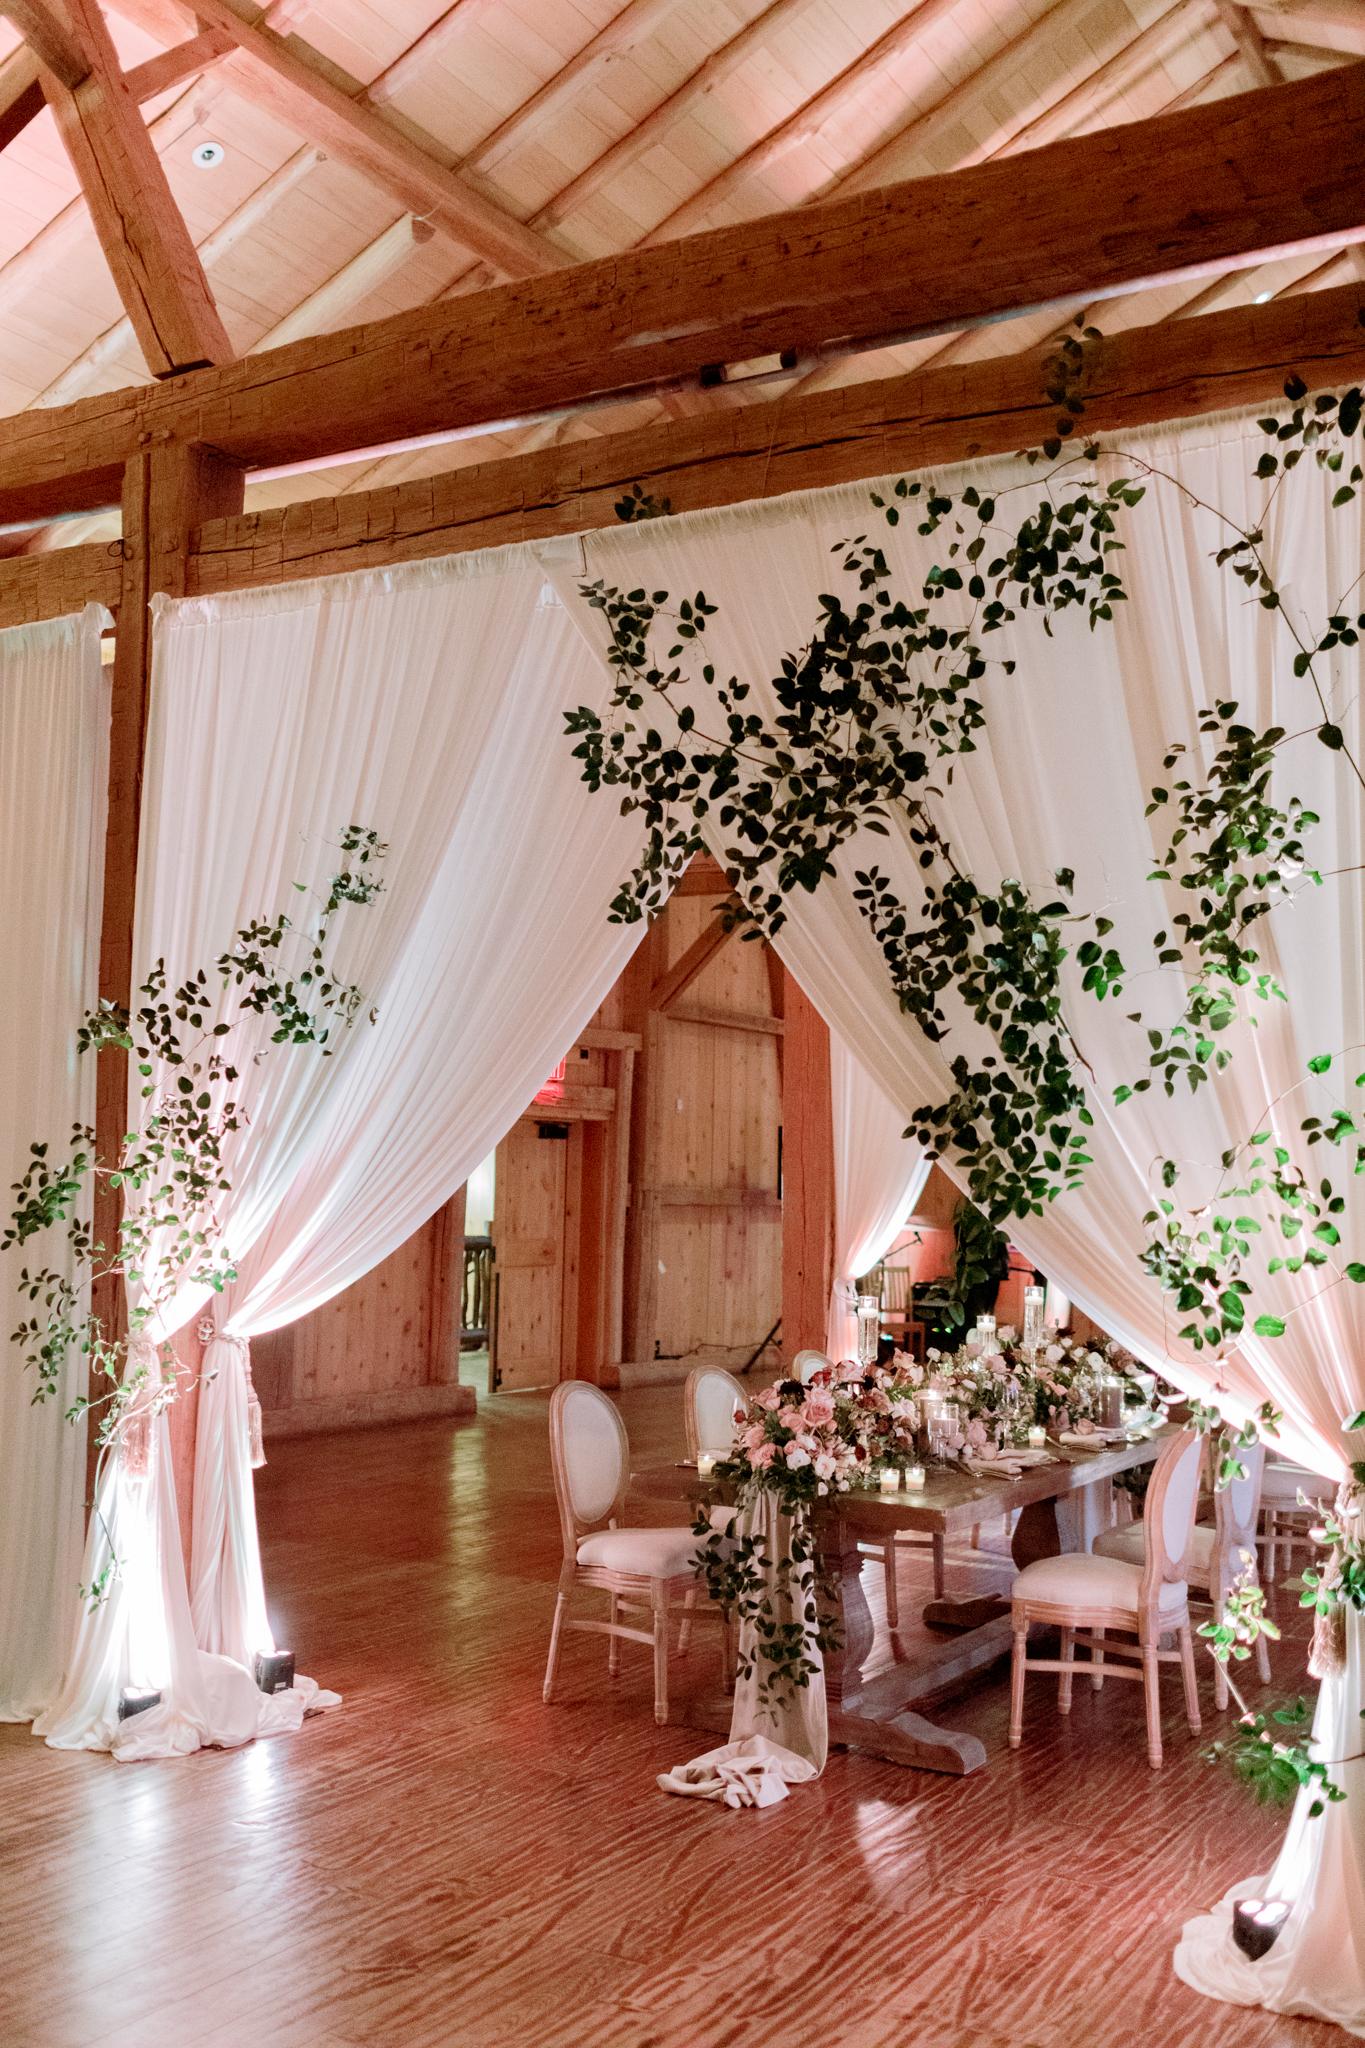 Devils-Thumb-Ranch-Tabernash-Colorado-Winter-Broad-Axe-Barn-Reception-LaRue-Florals-Grand-Entrance